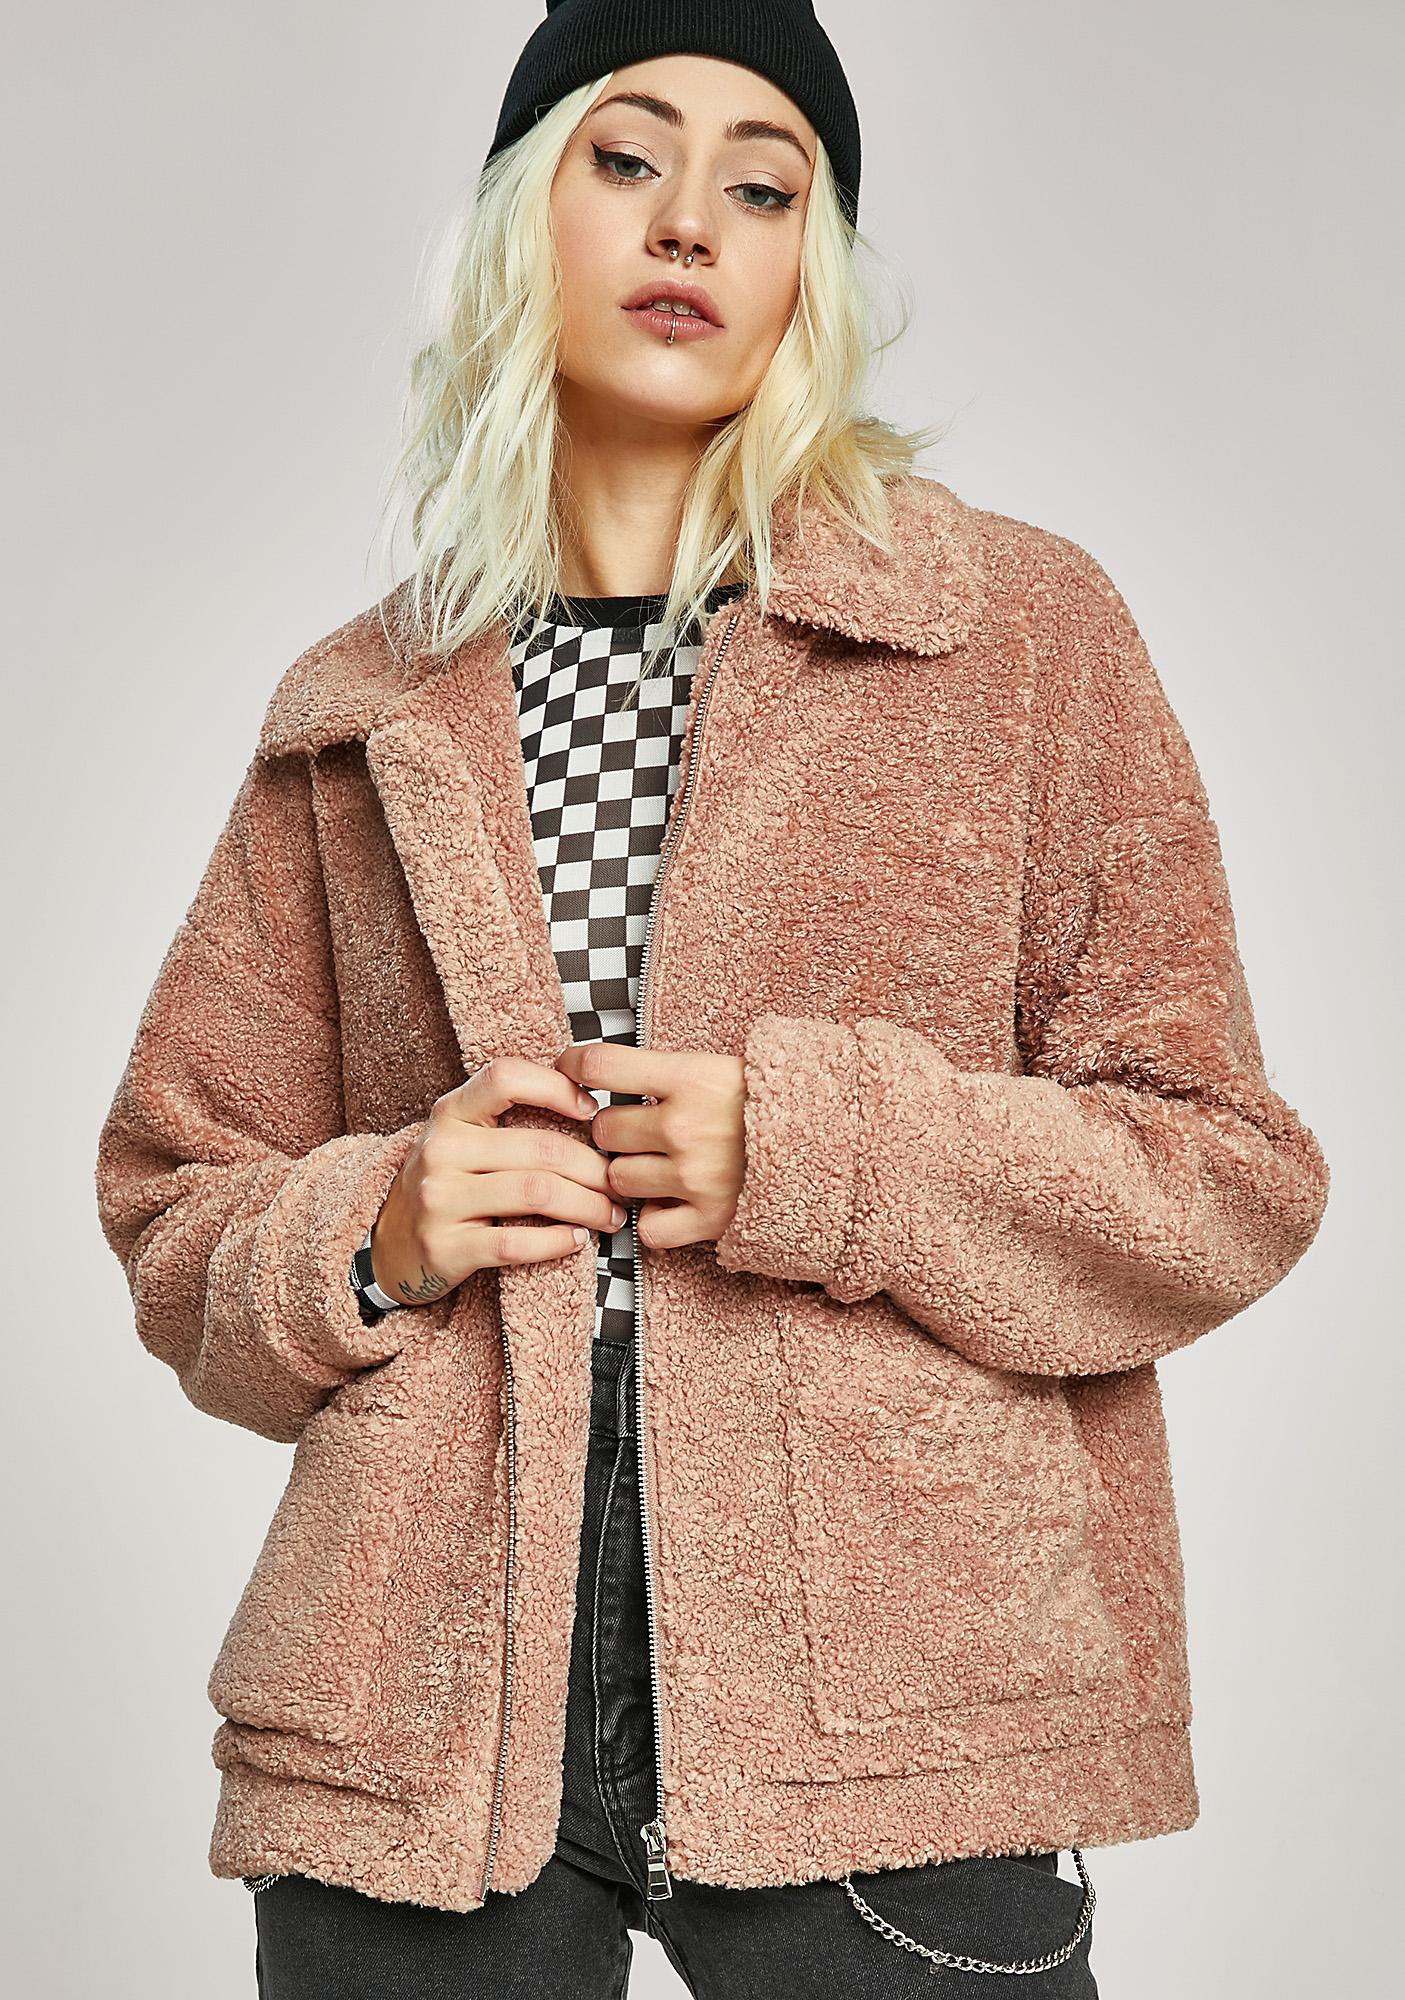 Plush Teddy Fuzzy Jacket